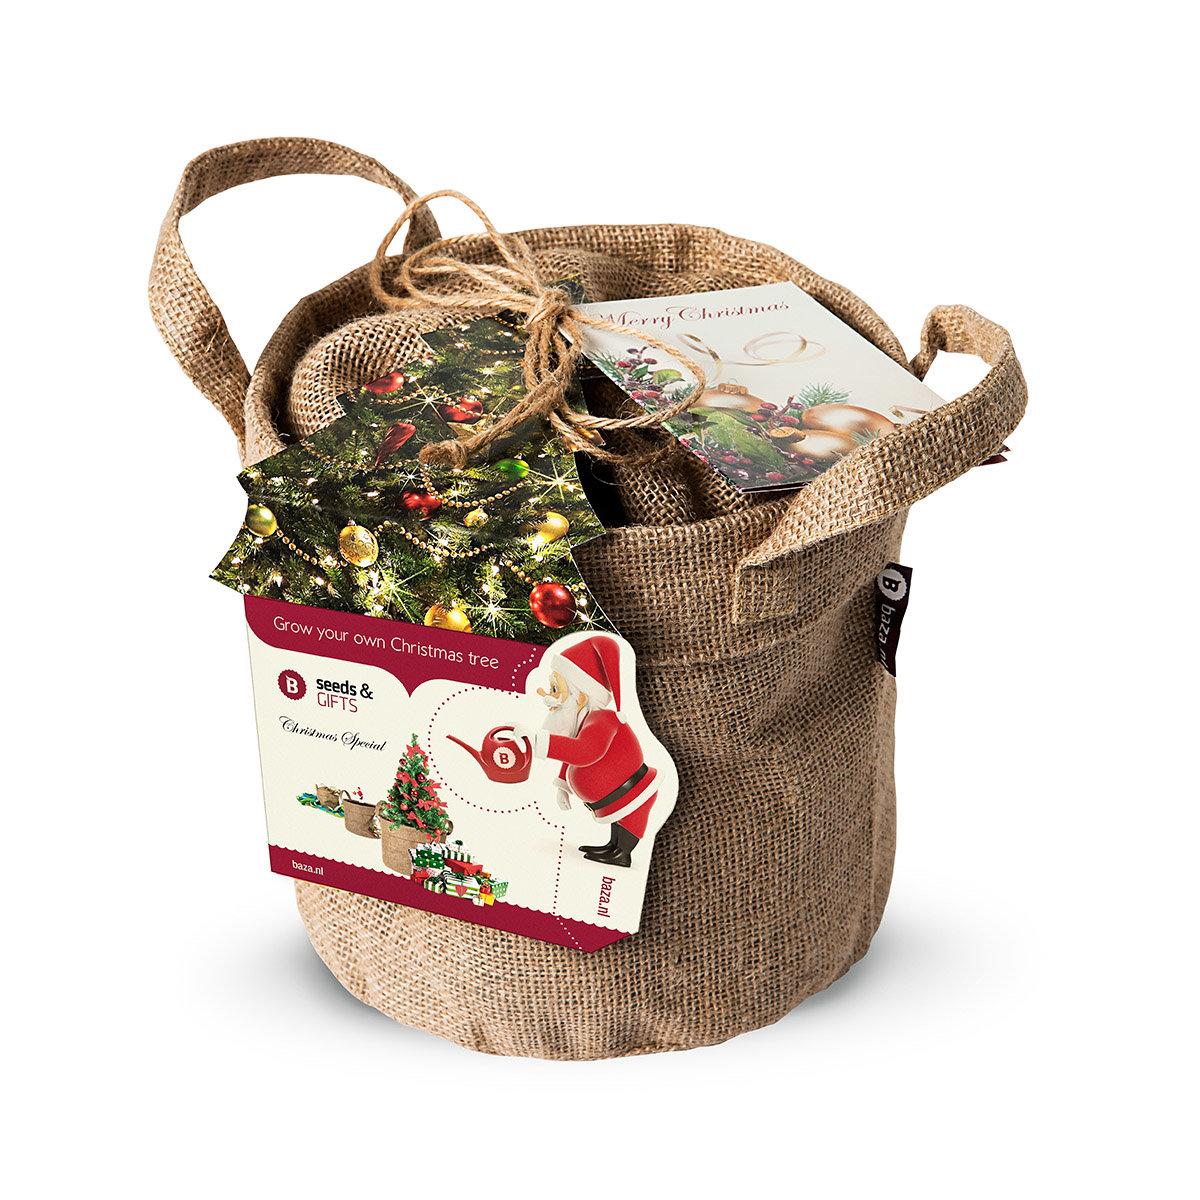 Weihnachtsbäumchen Saatgut im Jute-Anzuchtbeutel, inkl. 6 Liter Erde und Weihnachtskarte